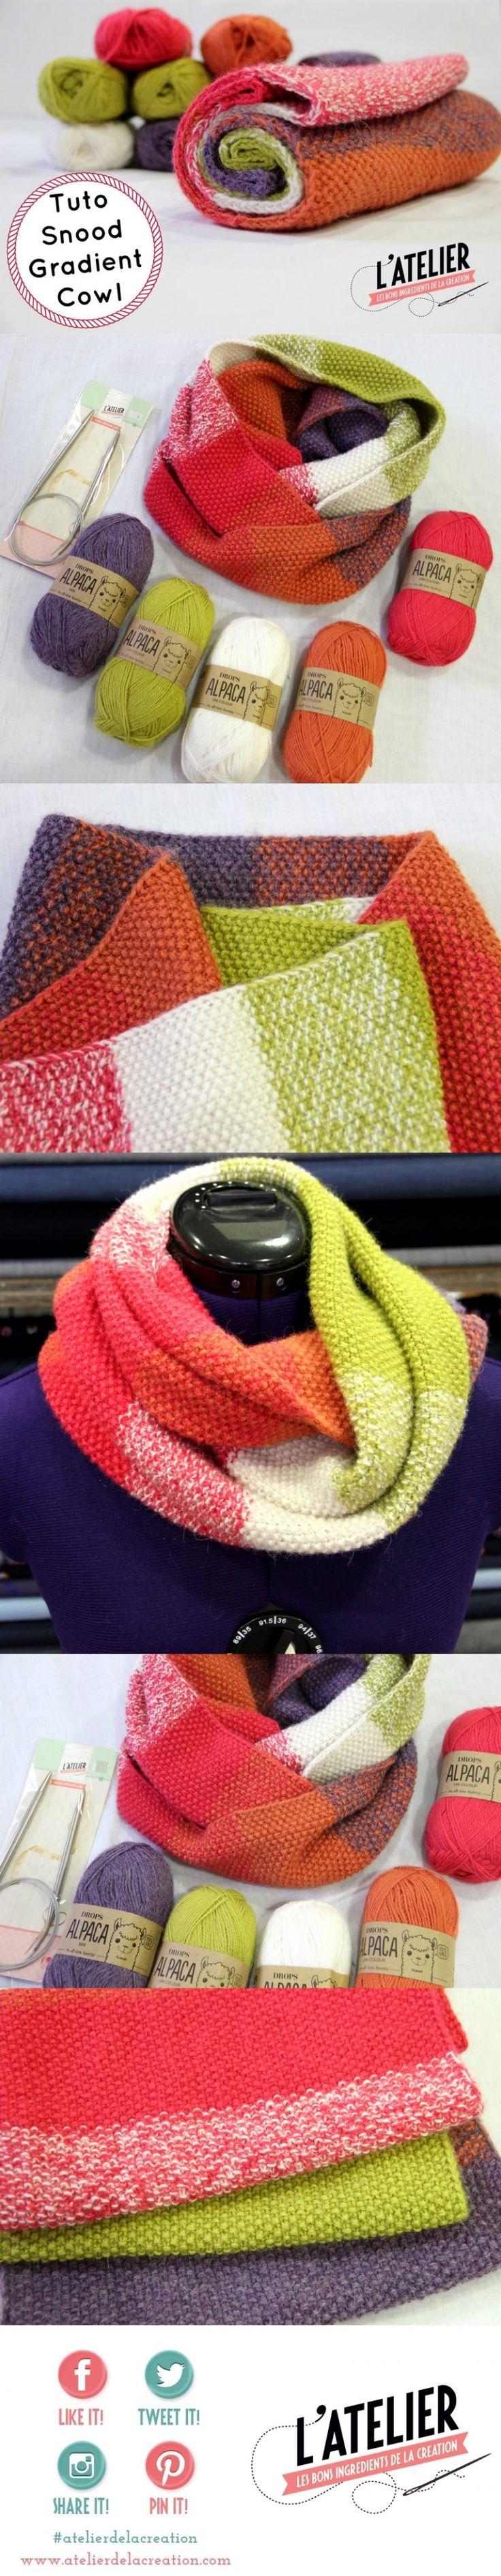 2682 besten tricot Bilder auf Pinterest | Strickmuster, Stricken und ...